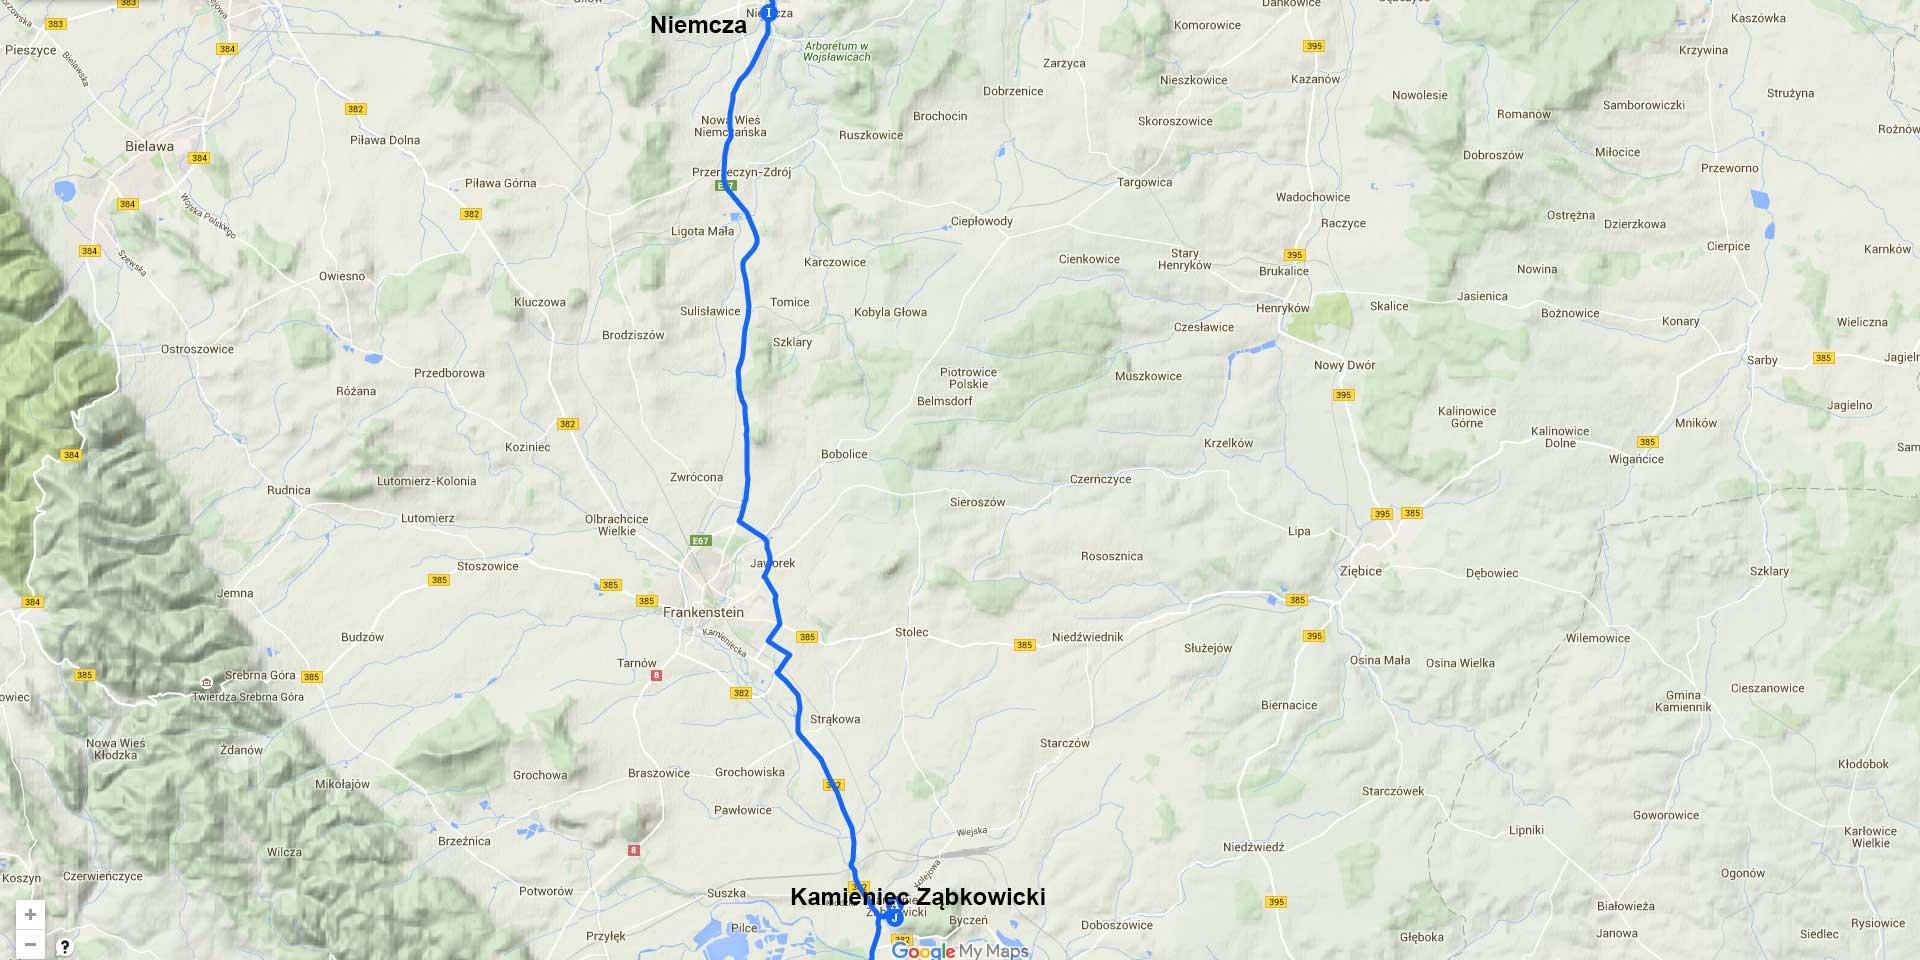 Die Tagesstrecke von Niemcza nach Kamieniec Ząbkowick (26 km)